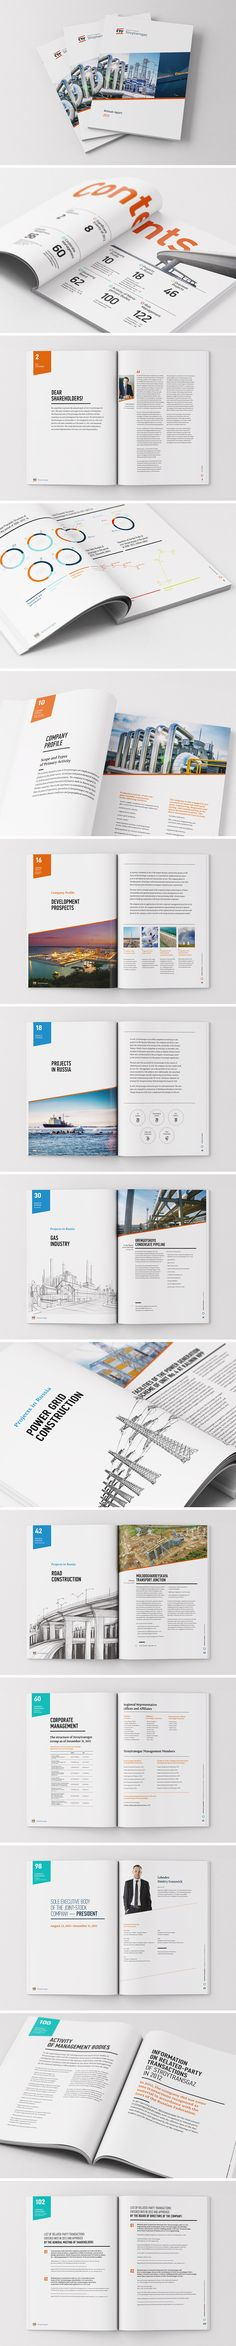 Годовой отчет для Стройтрансгаза, Годовой отчет © Praxis Advance